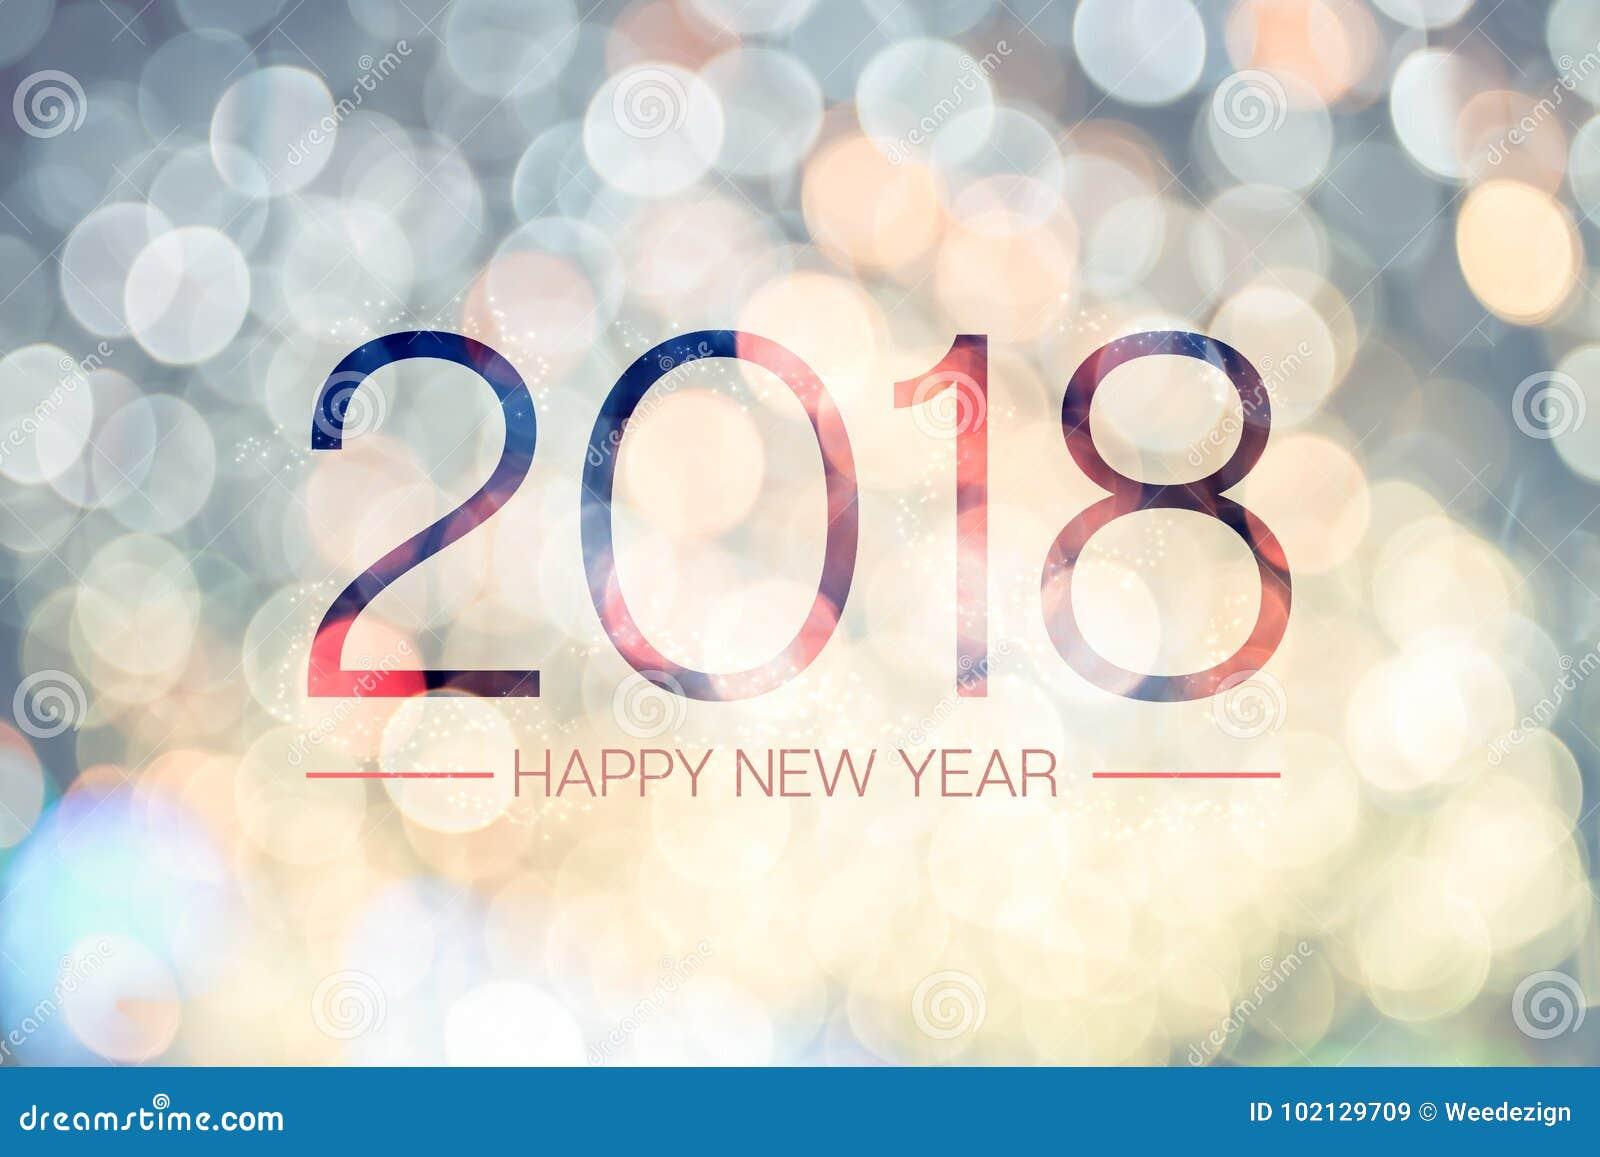 Bonne année 2018 avec le backg de scintillement léger de bokeh jaune pâle